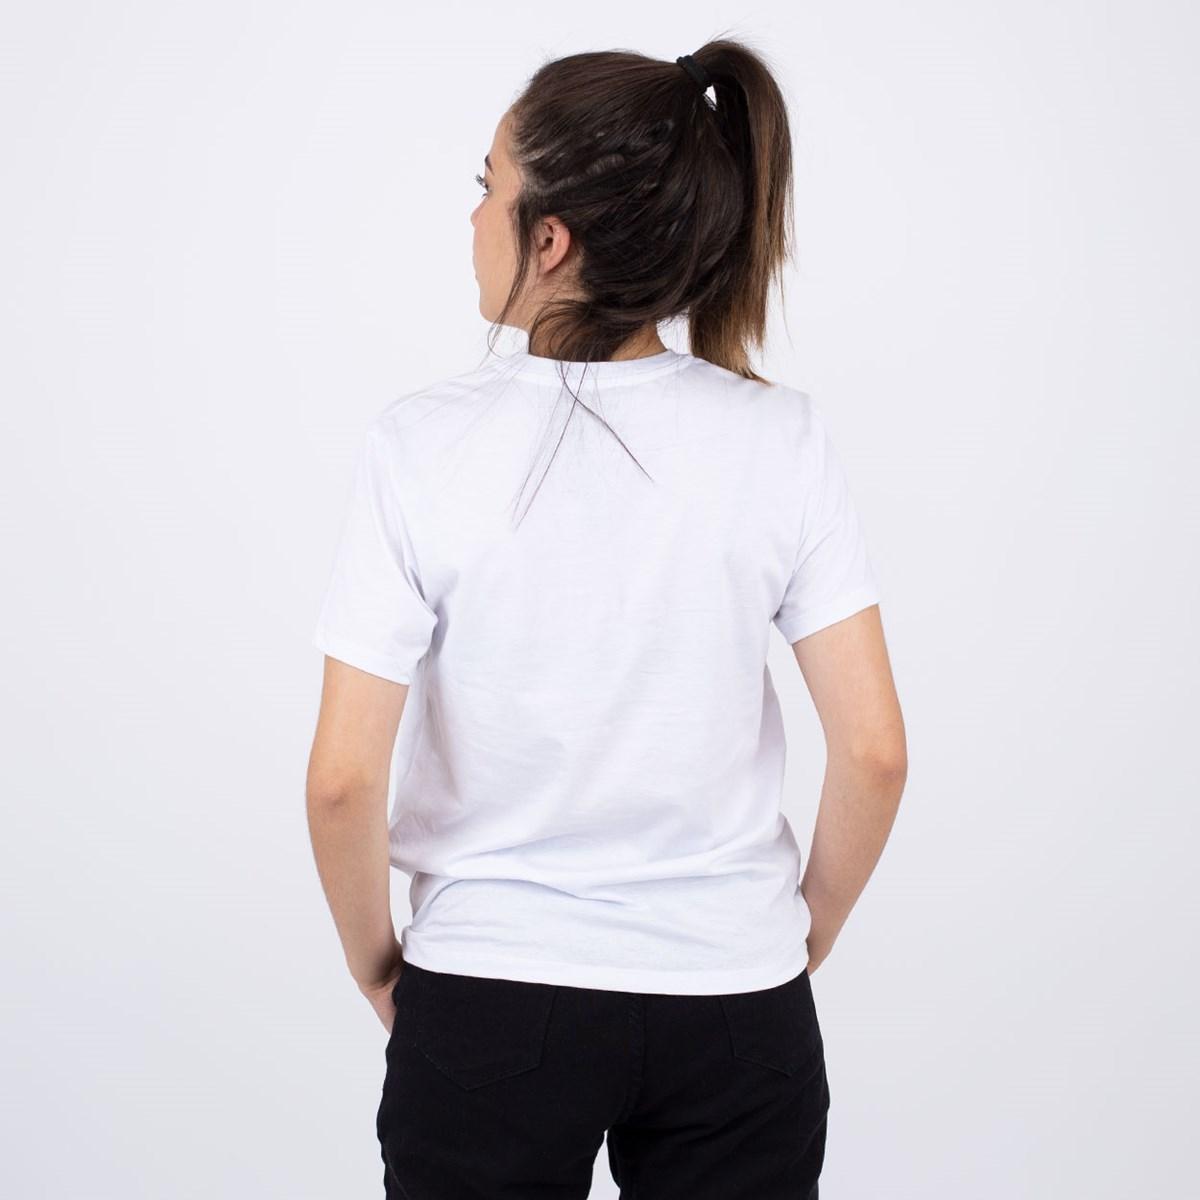 Camiseta Vans Split Ticket White VN0A4SEBWHT